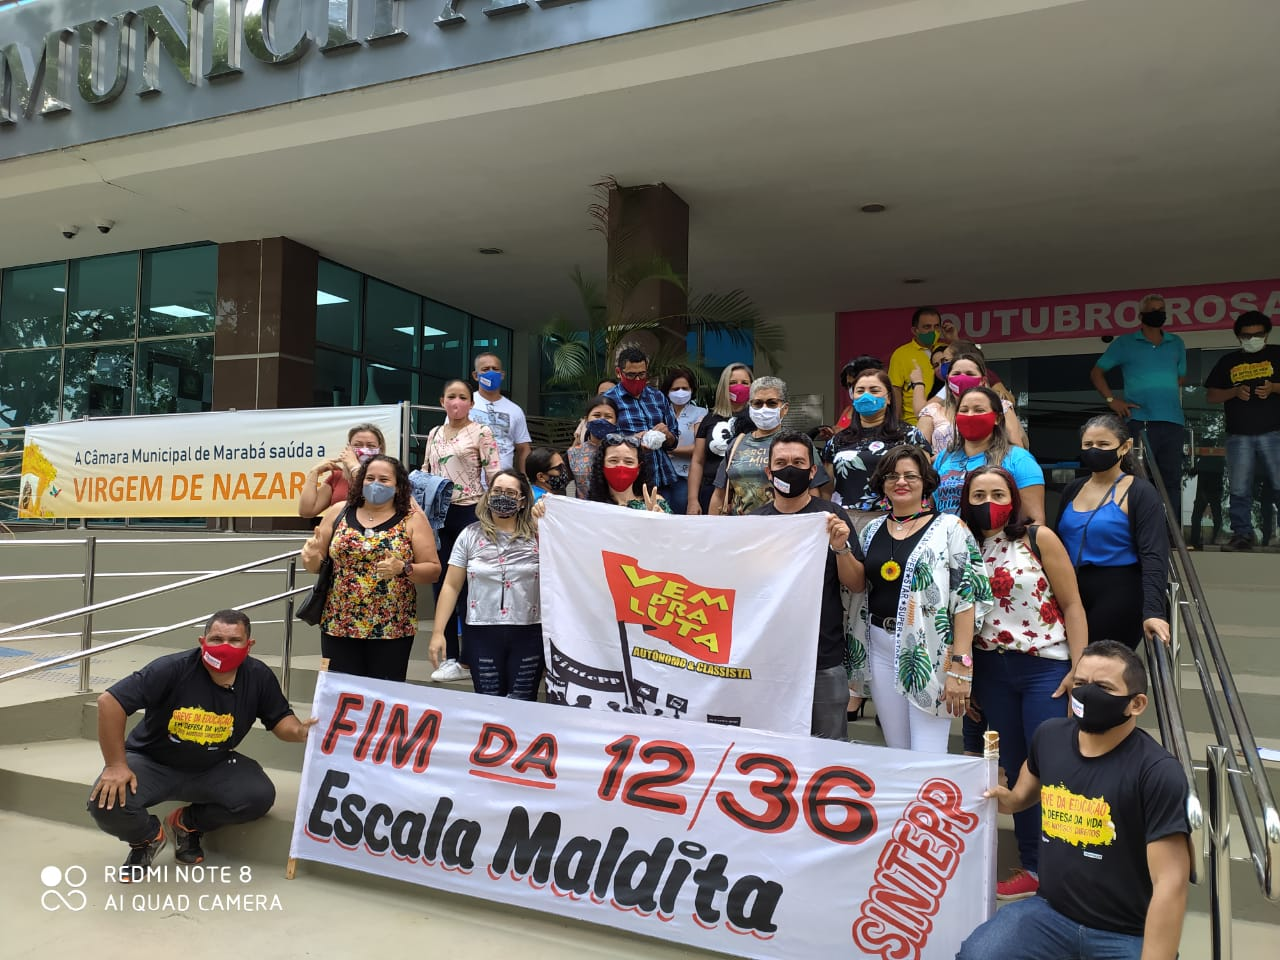 Prefeito Tião Miranda (Marabá) causa rombo de mais 18 milhões no bolso dos Trabalhadores da Educação